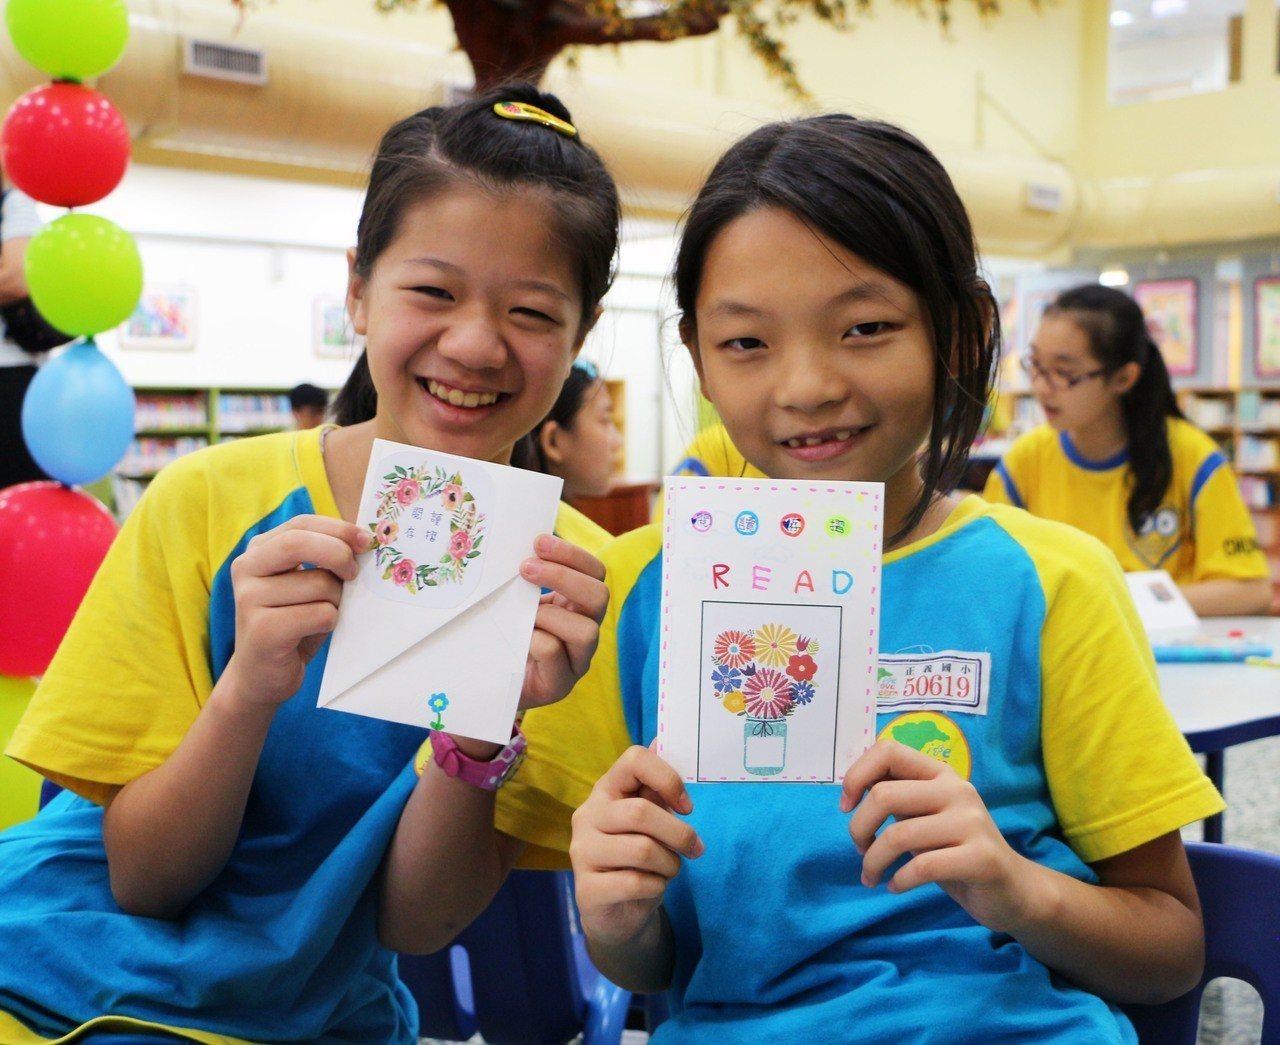 新北市立圖書館推出活動,學童可以自己製作的手工書閱讀護照。圖/新北市立圖書館提供